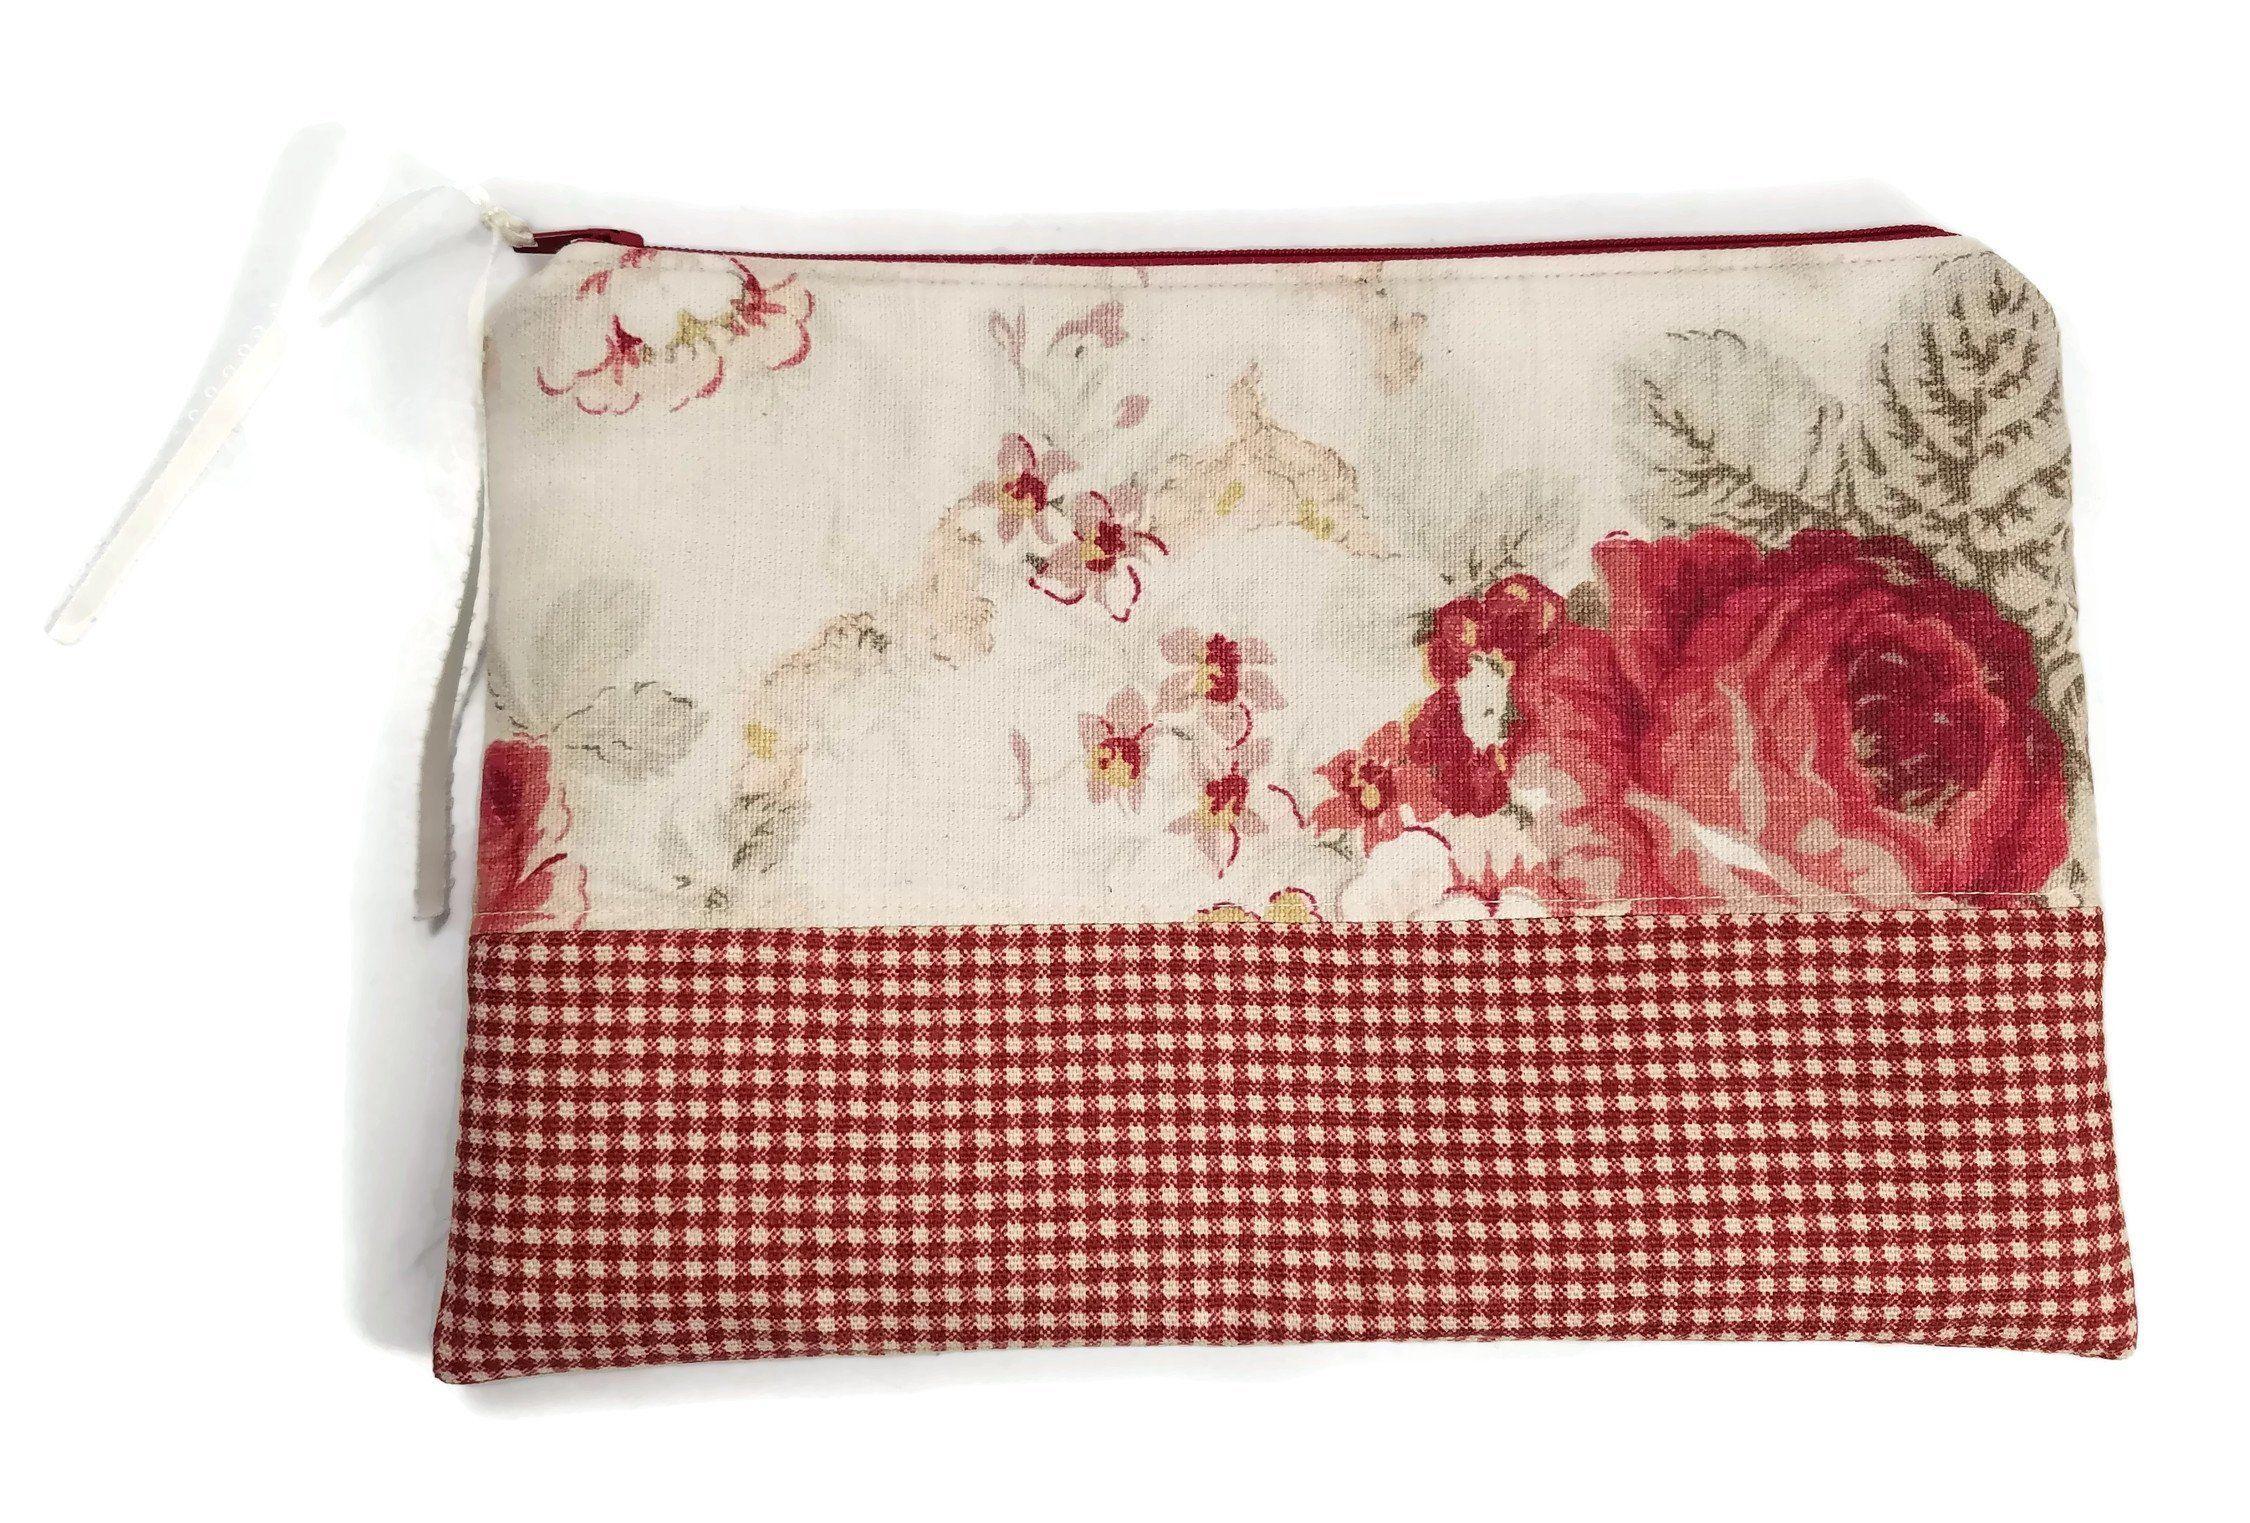 Floral Makeup Bag, Cosmetic Bag, Toiletry Bag, Large